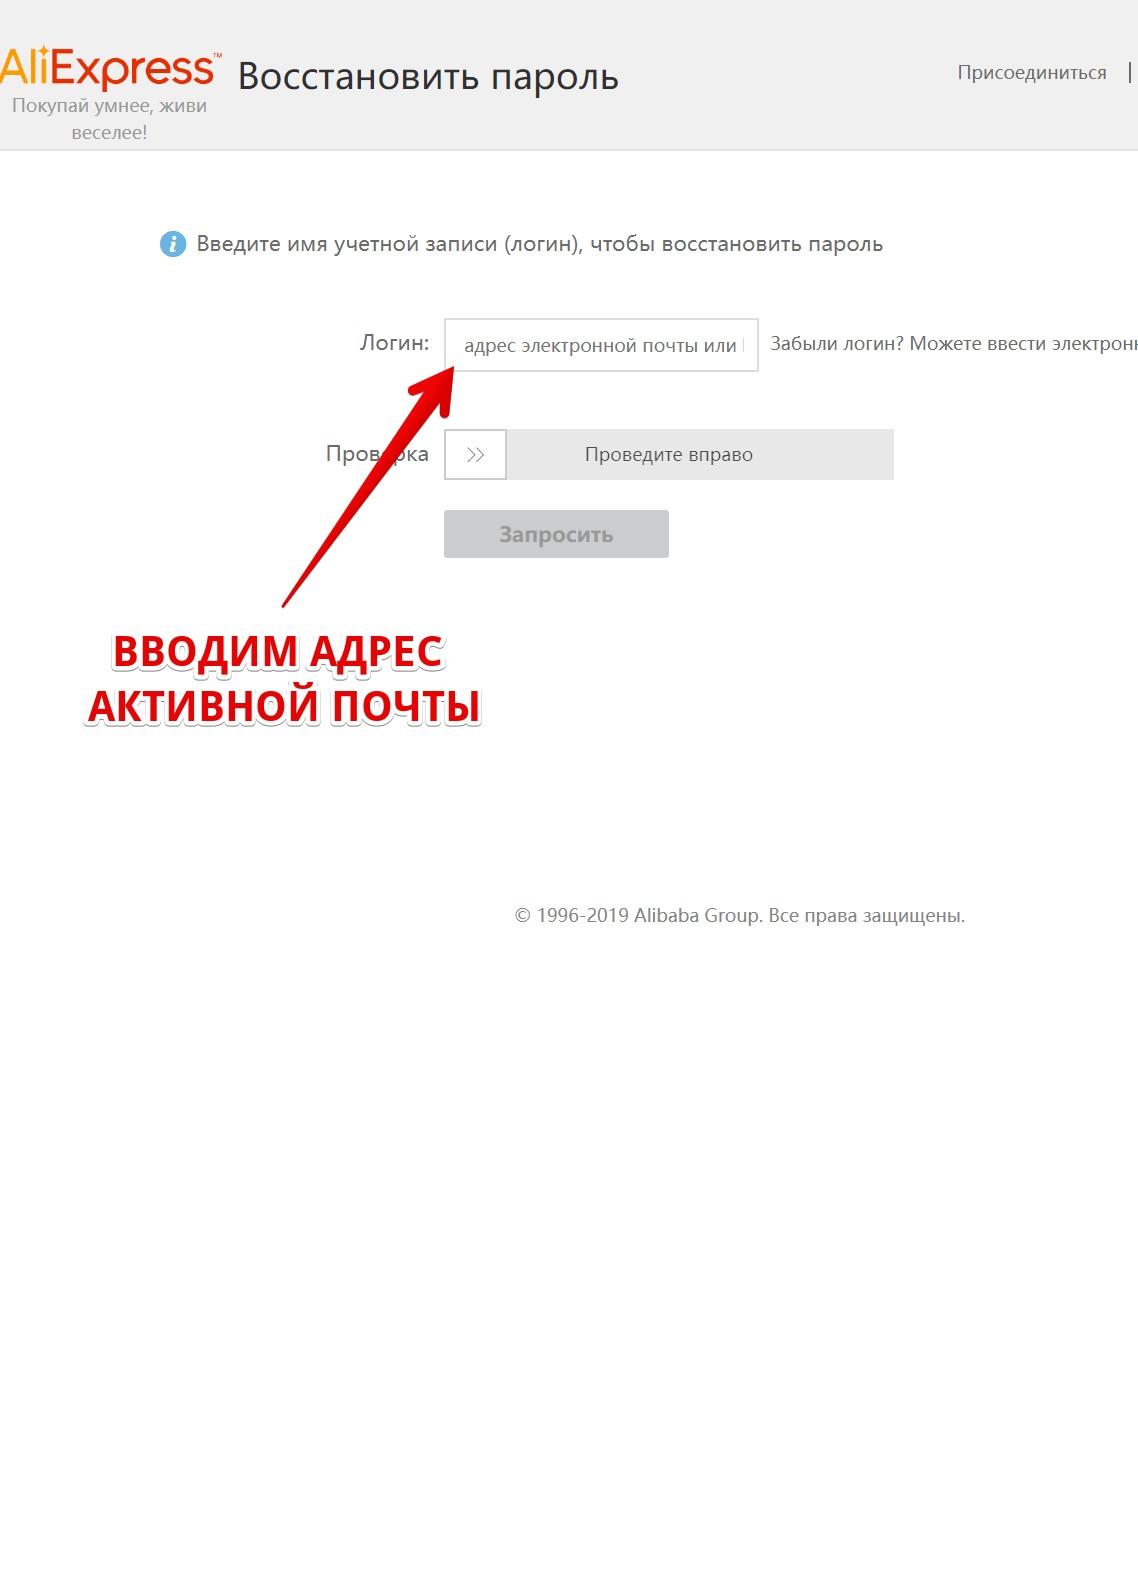 как войти в мобильное приложение aliexpress если забыл пароль?